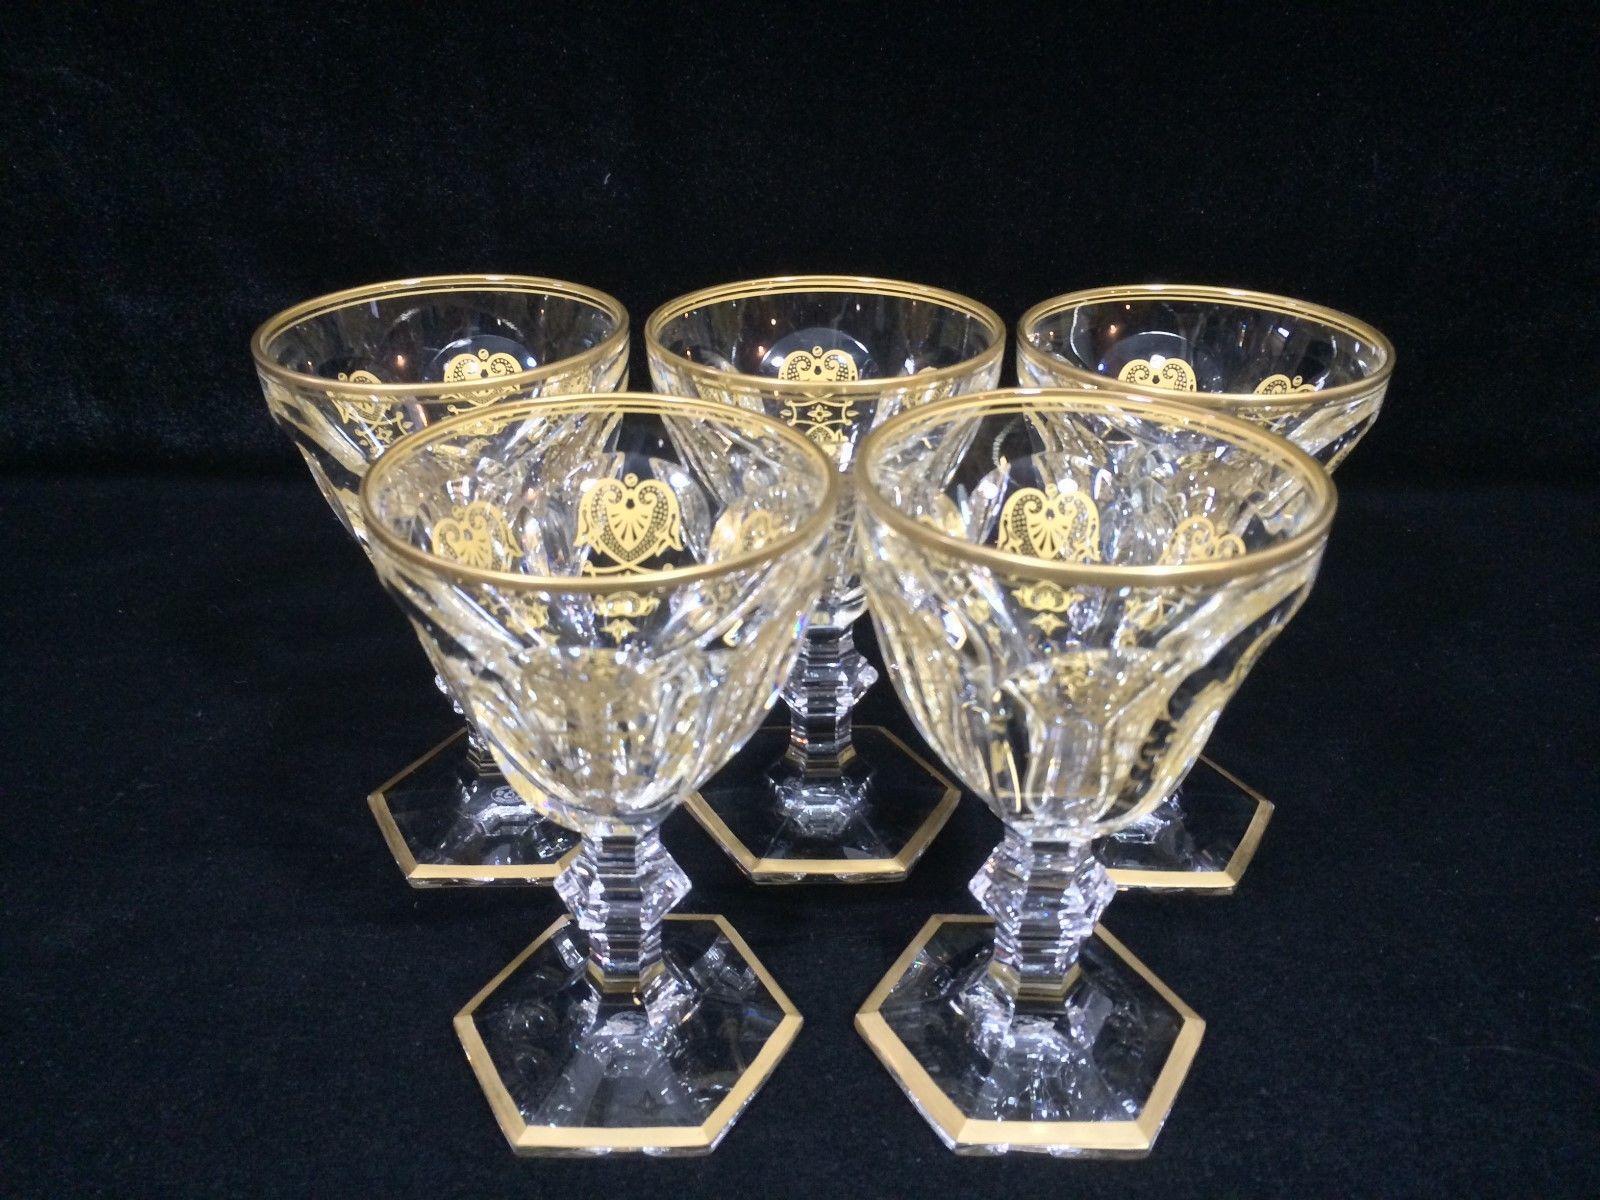 バカラワイングラス アルクールエンパイア baccarat glass